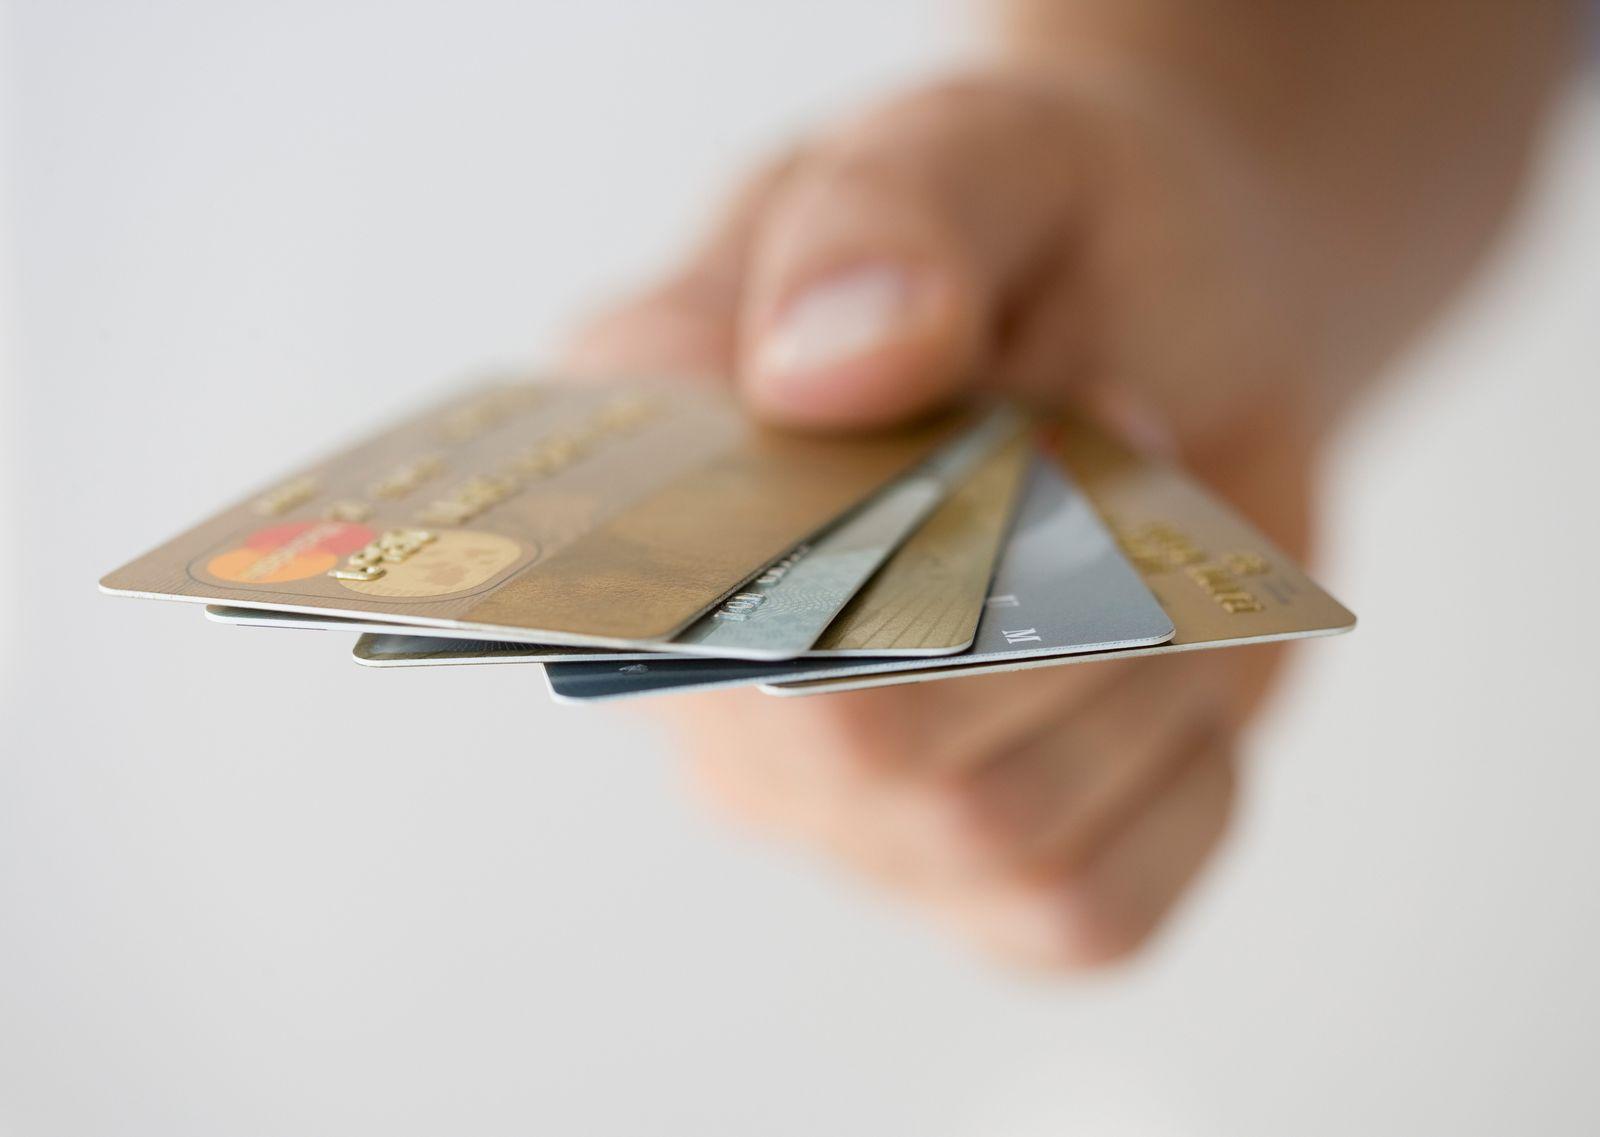 NICHT MEHR VERWENDEN! - Kreditkarte